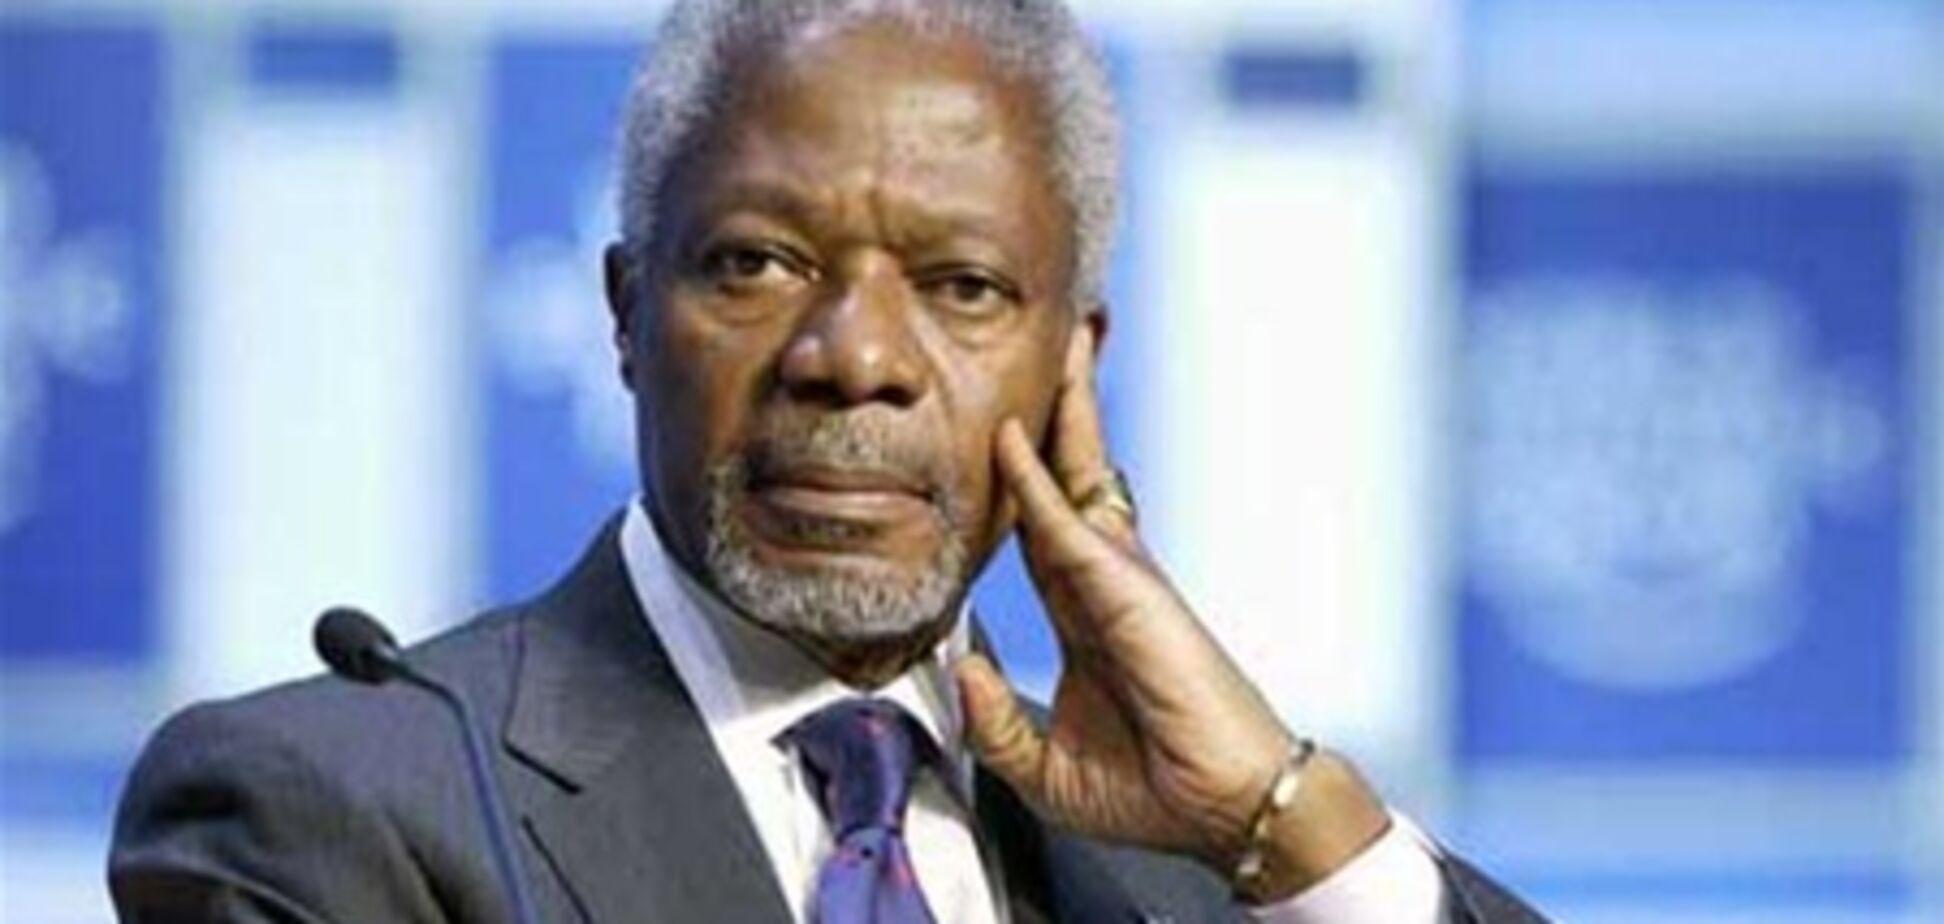 Эксперт: после ухода Аннана сирийский кризис решат силовым вариантом